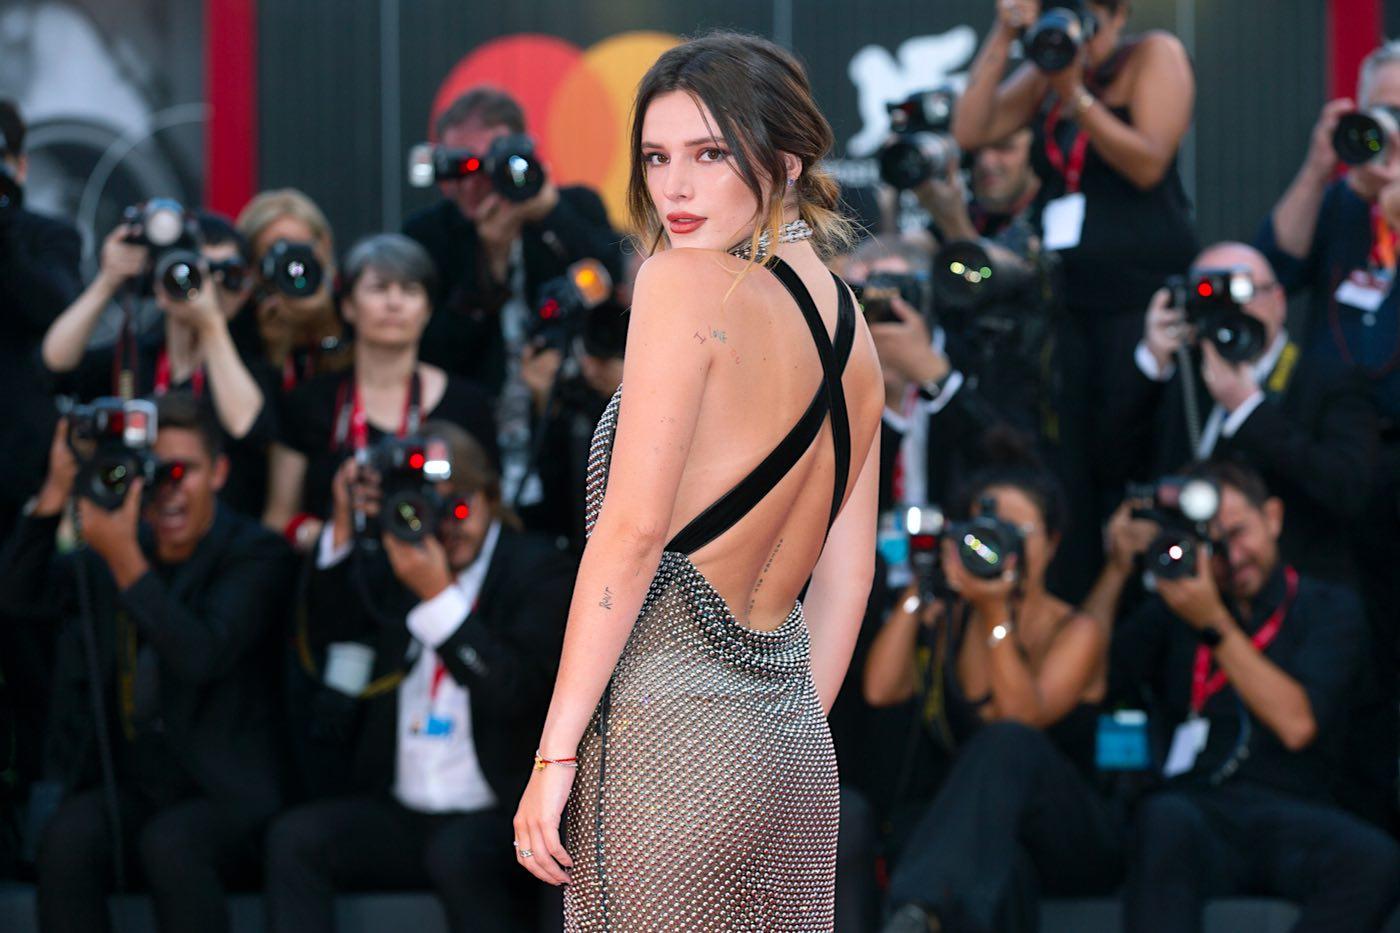 Bella Thorne ganó $2 millones en la primera semana de su debut en la popular plataforma OnlyFans